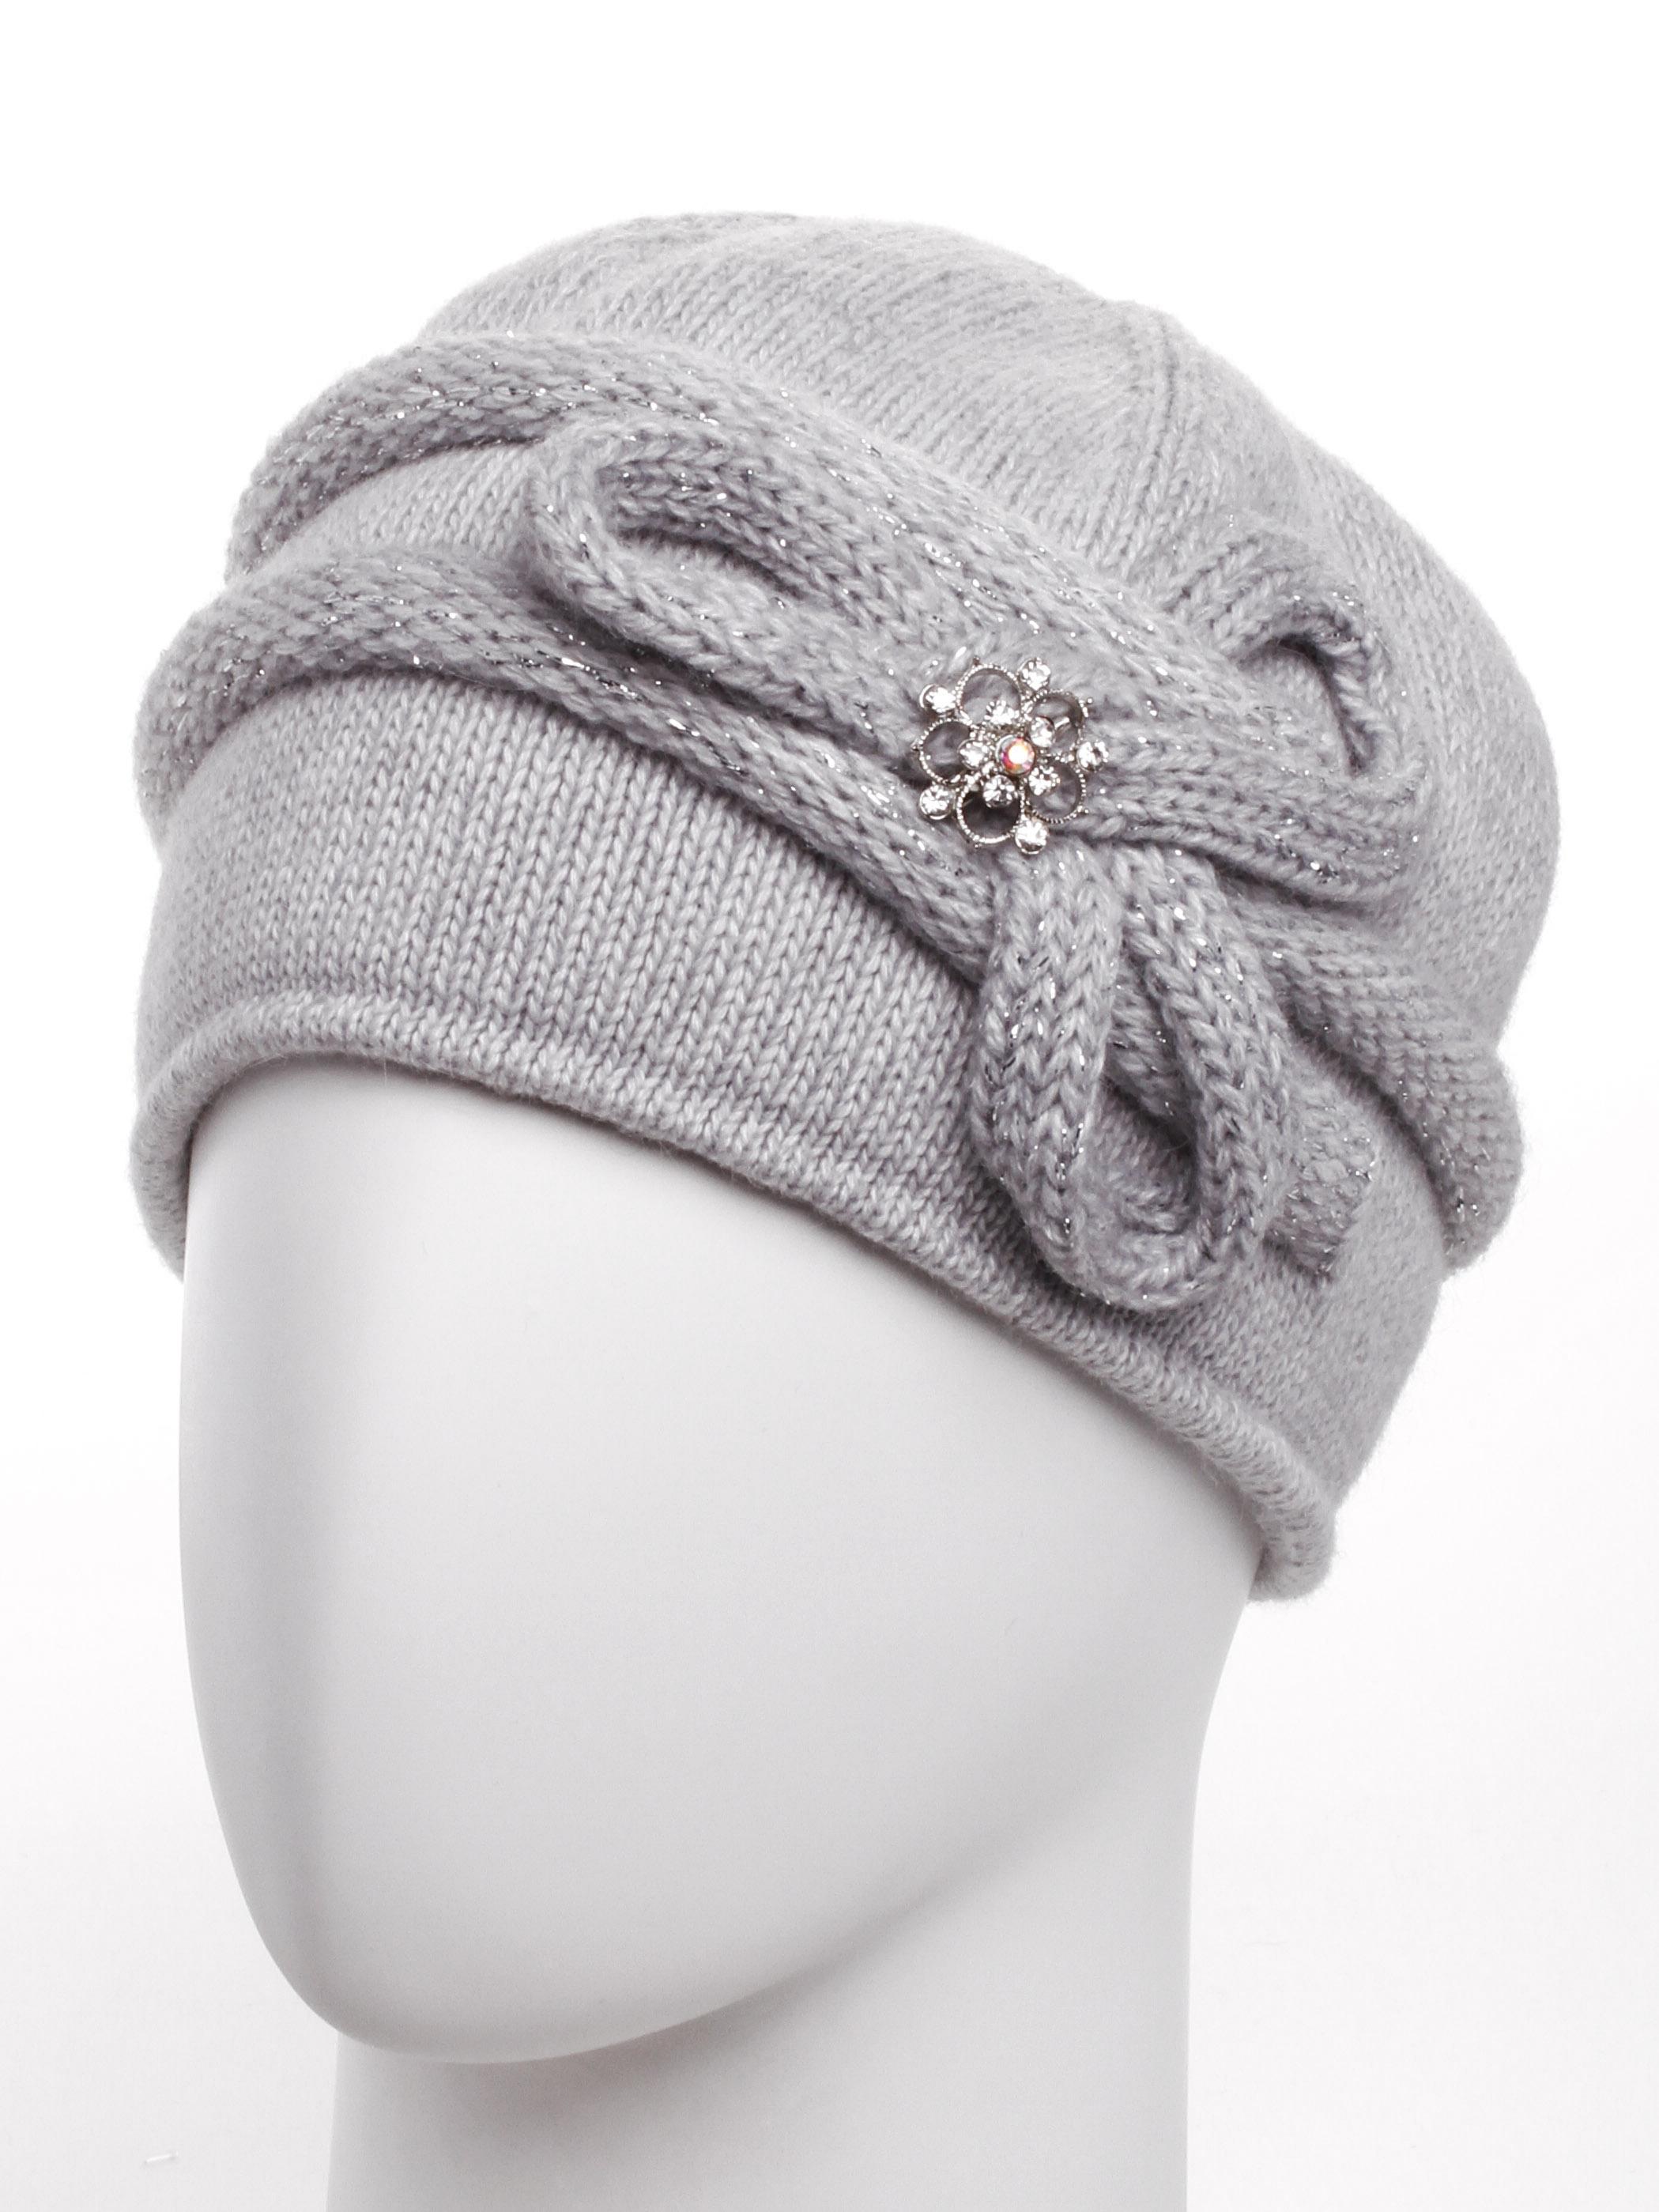 ШапкаШапки<br>Очаровательная шапка подарит Вам тепло и комфорт.  Стильный аксессуар подчеркнет Вашу женственность и станет прекрасным дополнением Вашего образа.  Цвет: серый<br><br>По материалу: Вязаные,Трикотаж<br>По рисунку: Однотонные<br>По элементам: С декором<br>По сезону: Зима<br>Размер : universal<br>Материал: Вязаное полотно<br>Количество в наличии: 1